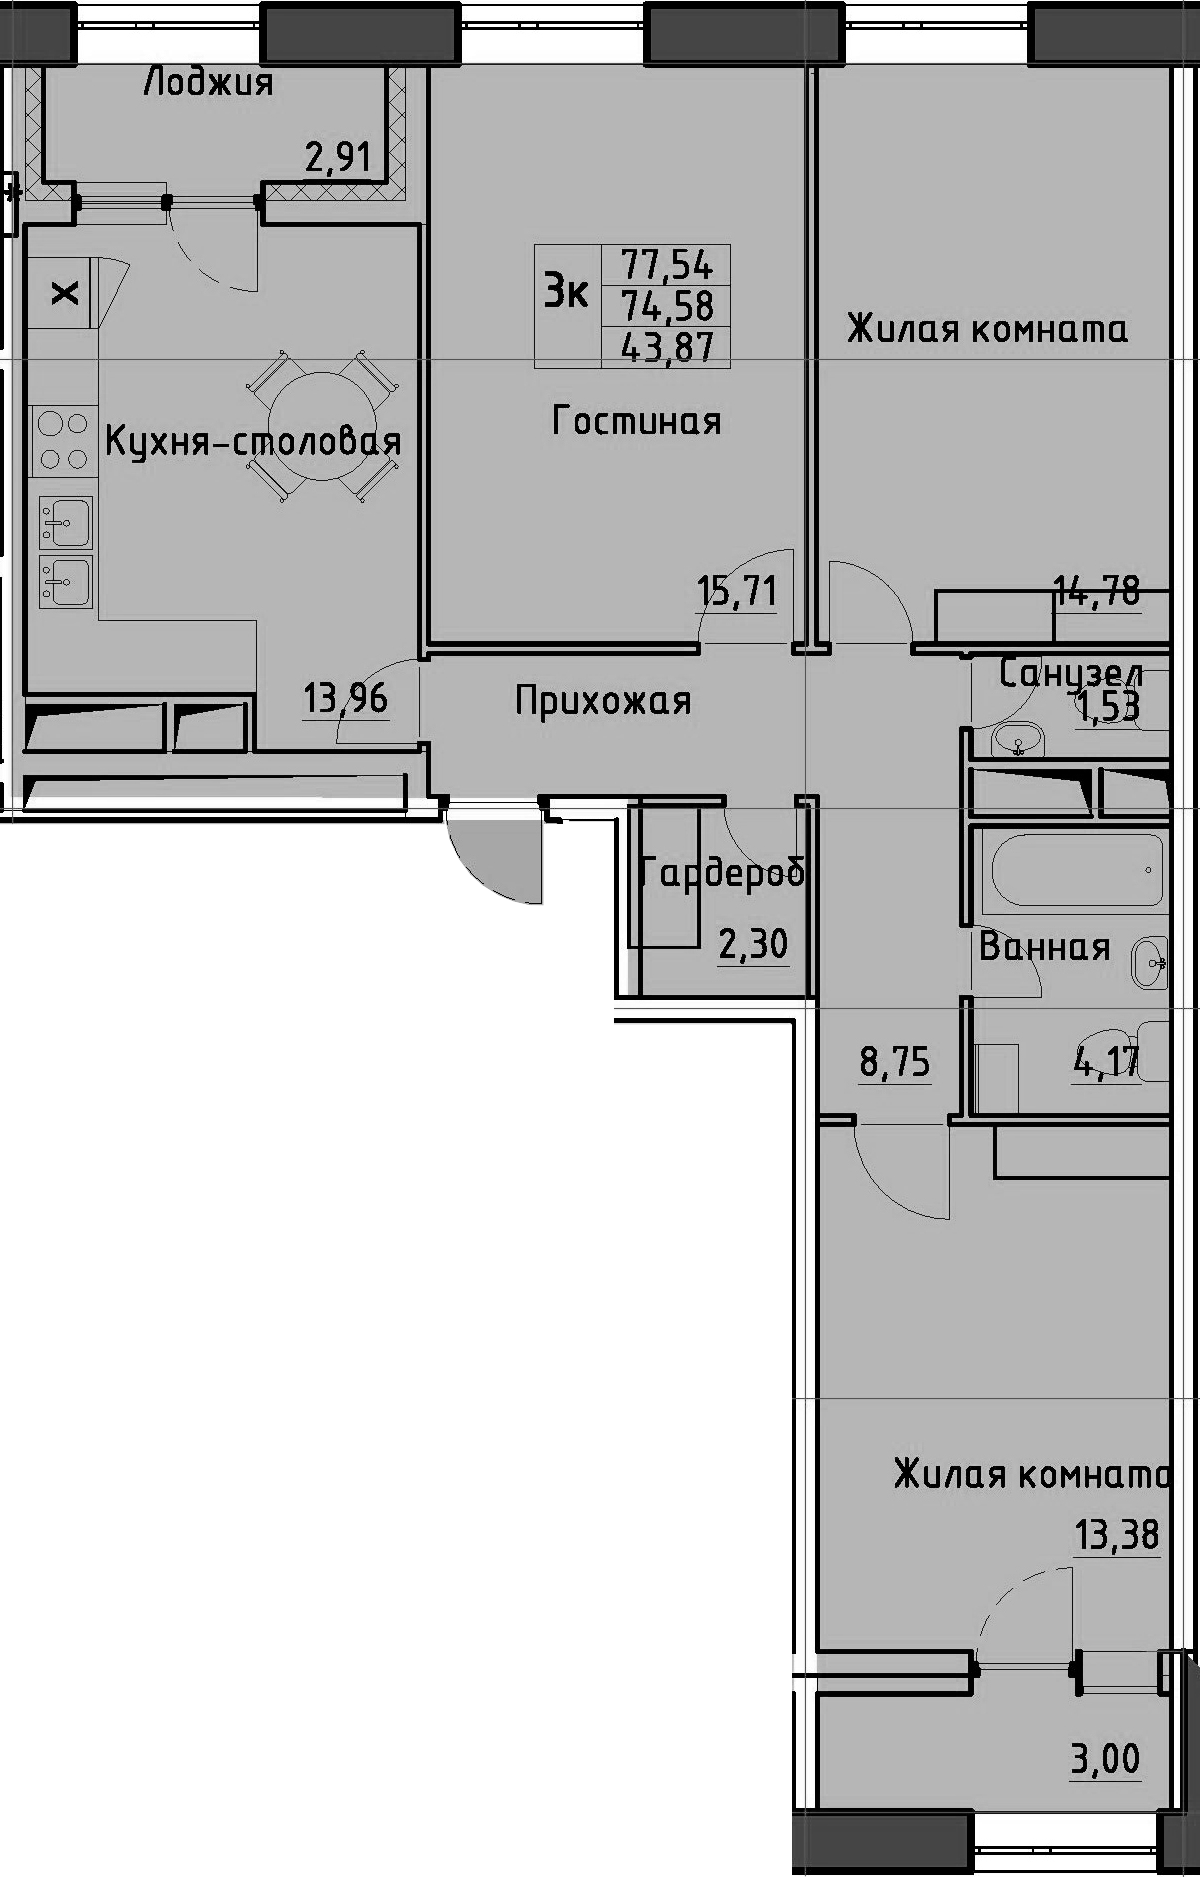 3-комнатная квартира, 77.54 м², 1 этаж – Планировка